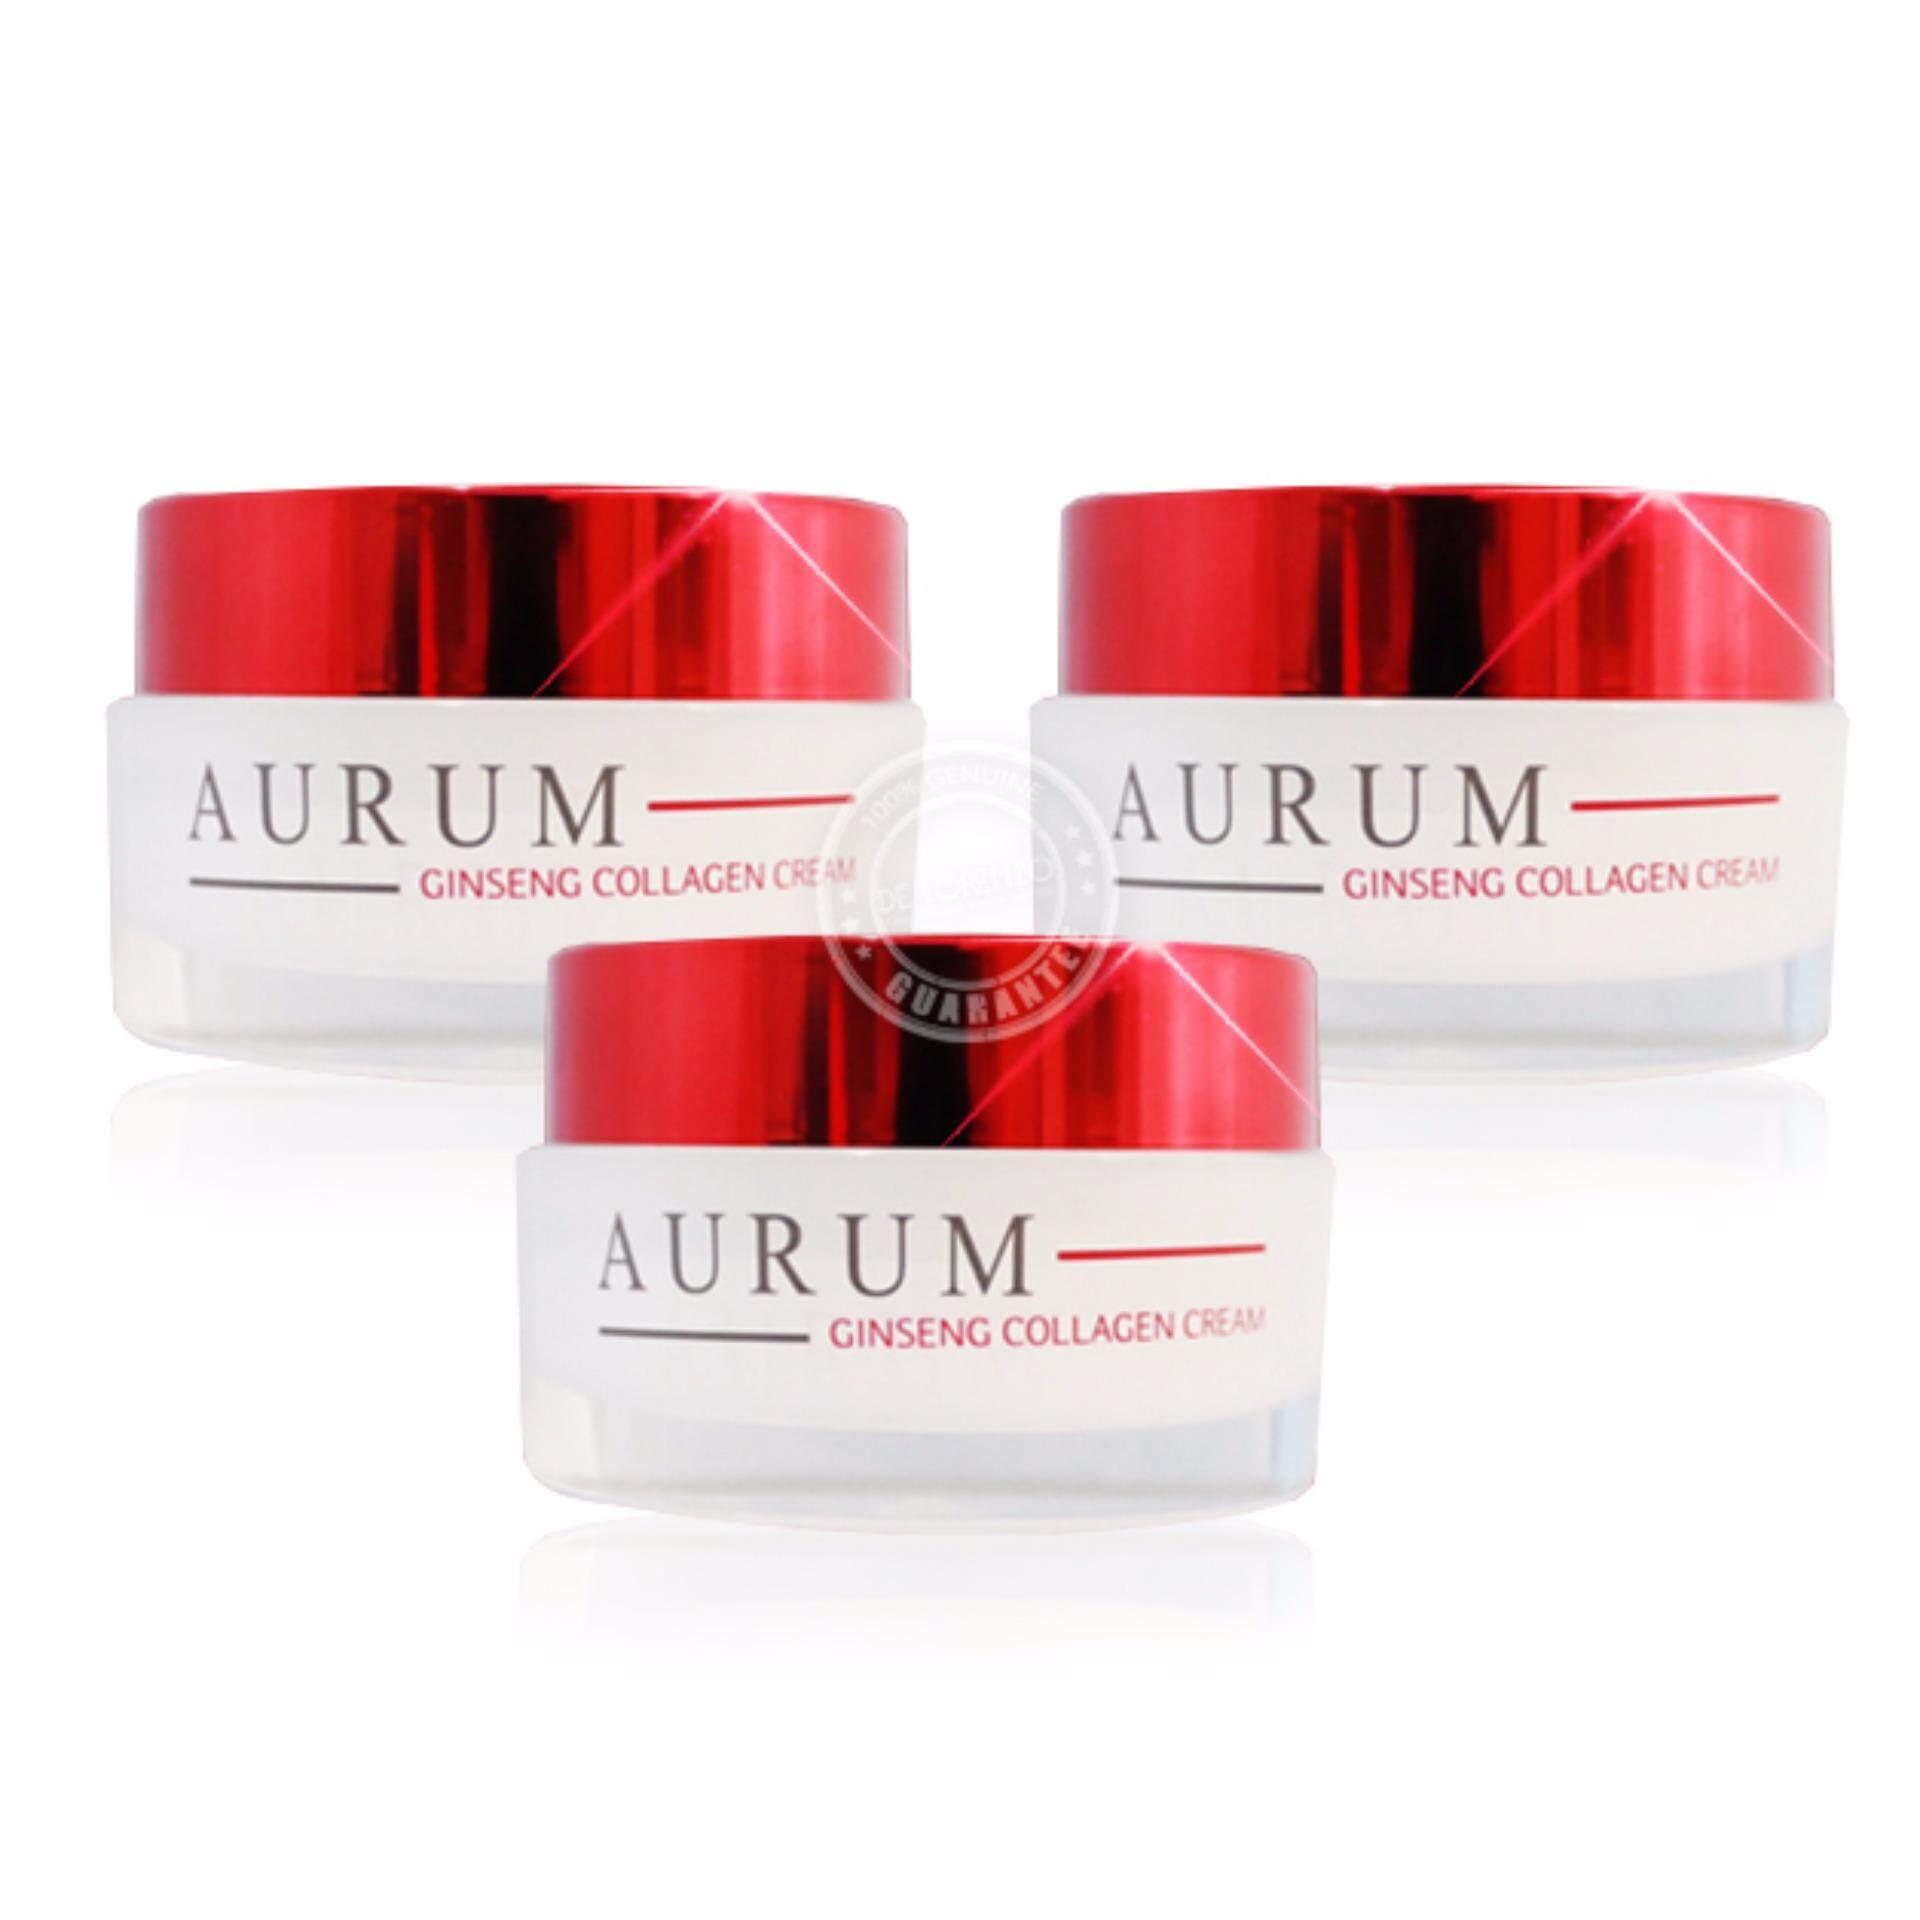 ลดล้างสต๊อก ครีม อั้ม พัชราภา Aurum Ginseng Collagen Cream ครีมออรั่ม ครีมบำรุง ครีมโสม ครีมอั้ม 50g. (3กล่อง) ครีมที่หลายคนใช้ได้ผล